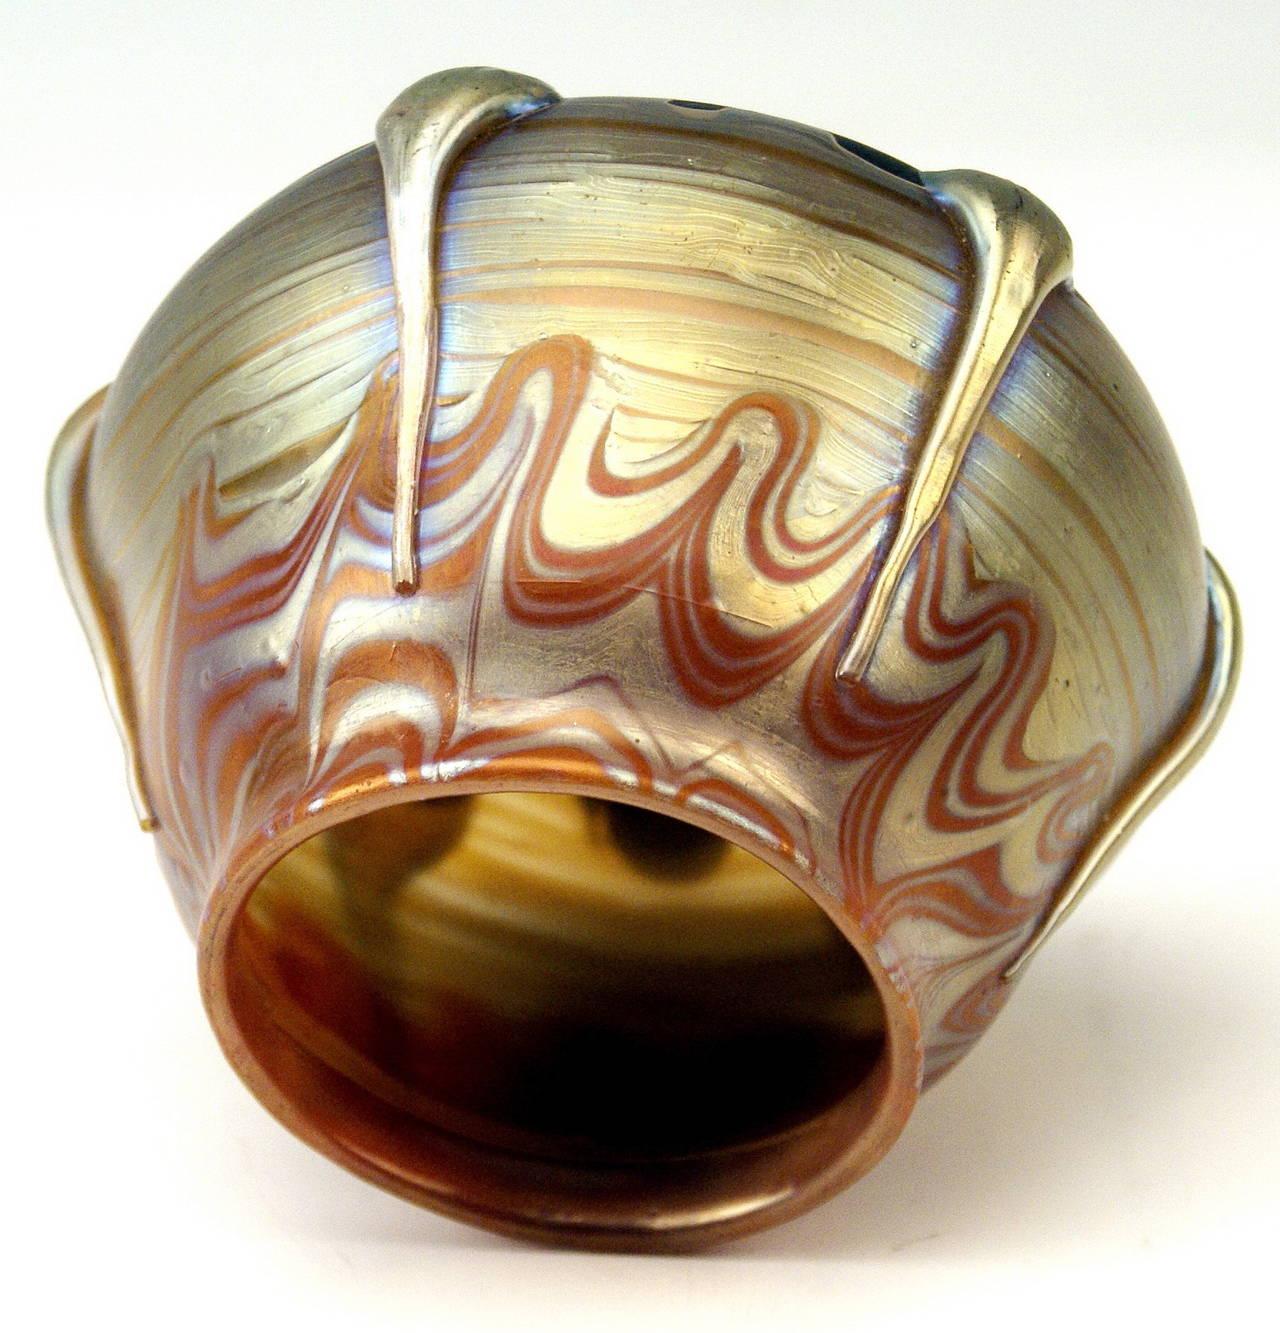 Vase Loetz Widow Art Nouveau by Franz Hofstötter, circa 1900 For Sale 1